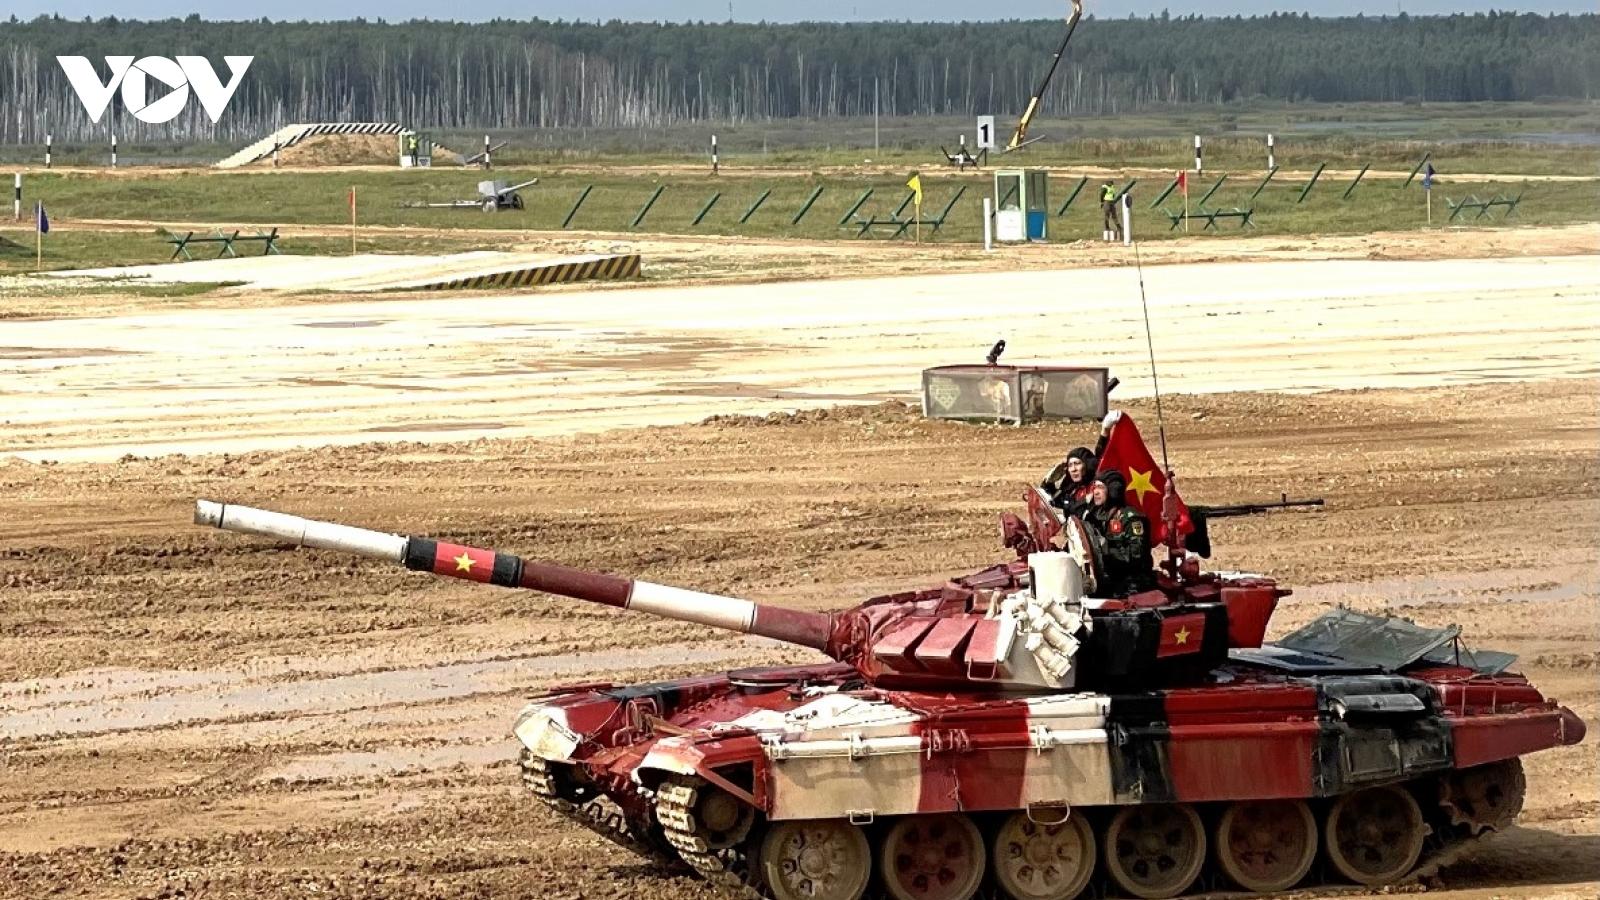 Kíp xe số 3 củaĐội tuyển xe tăng Việt Nam thi đấu tốt tại Army Games 2021